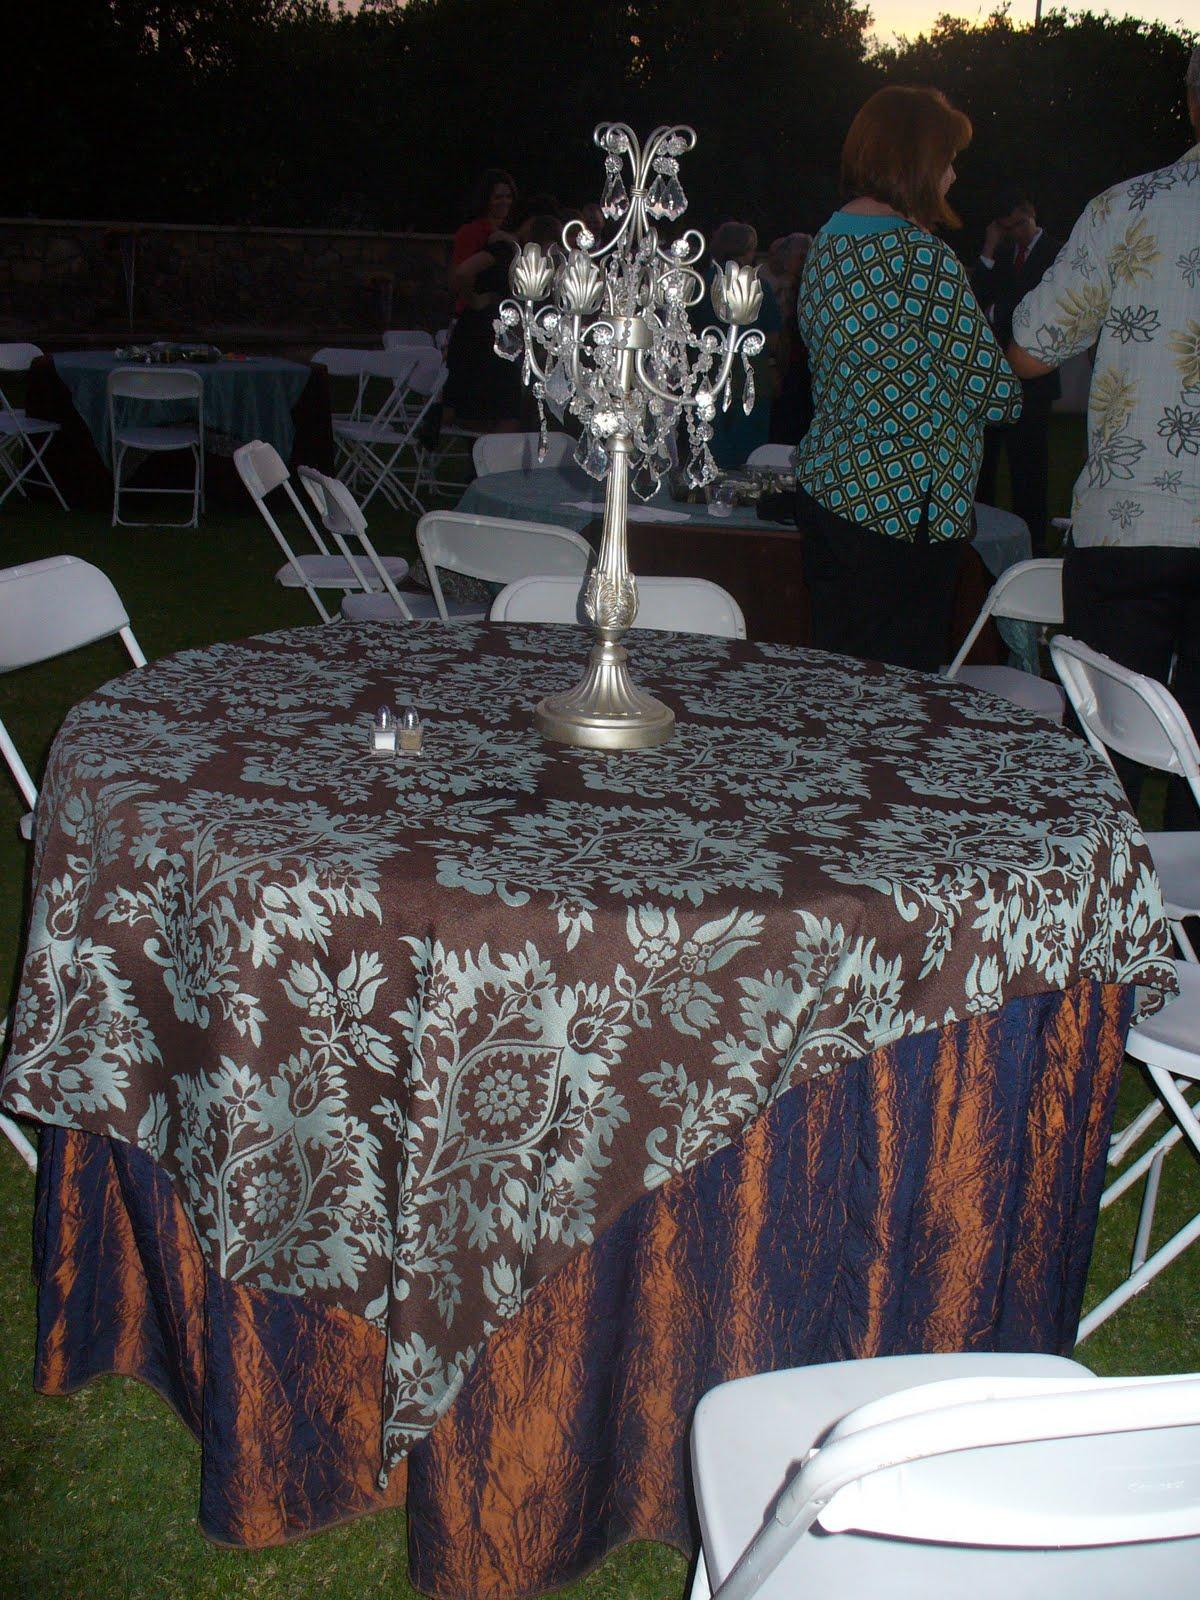 unique outdoor fall wedding ideas/reception ideas?